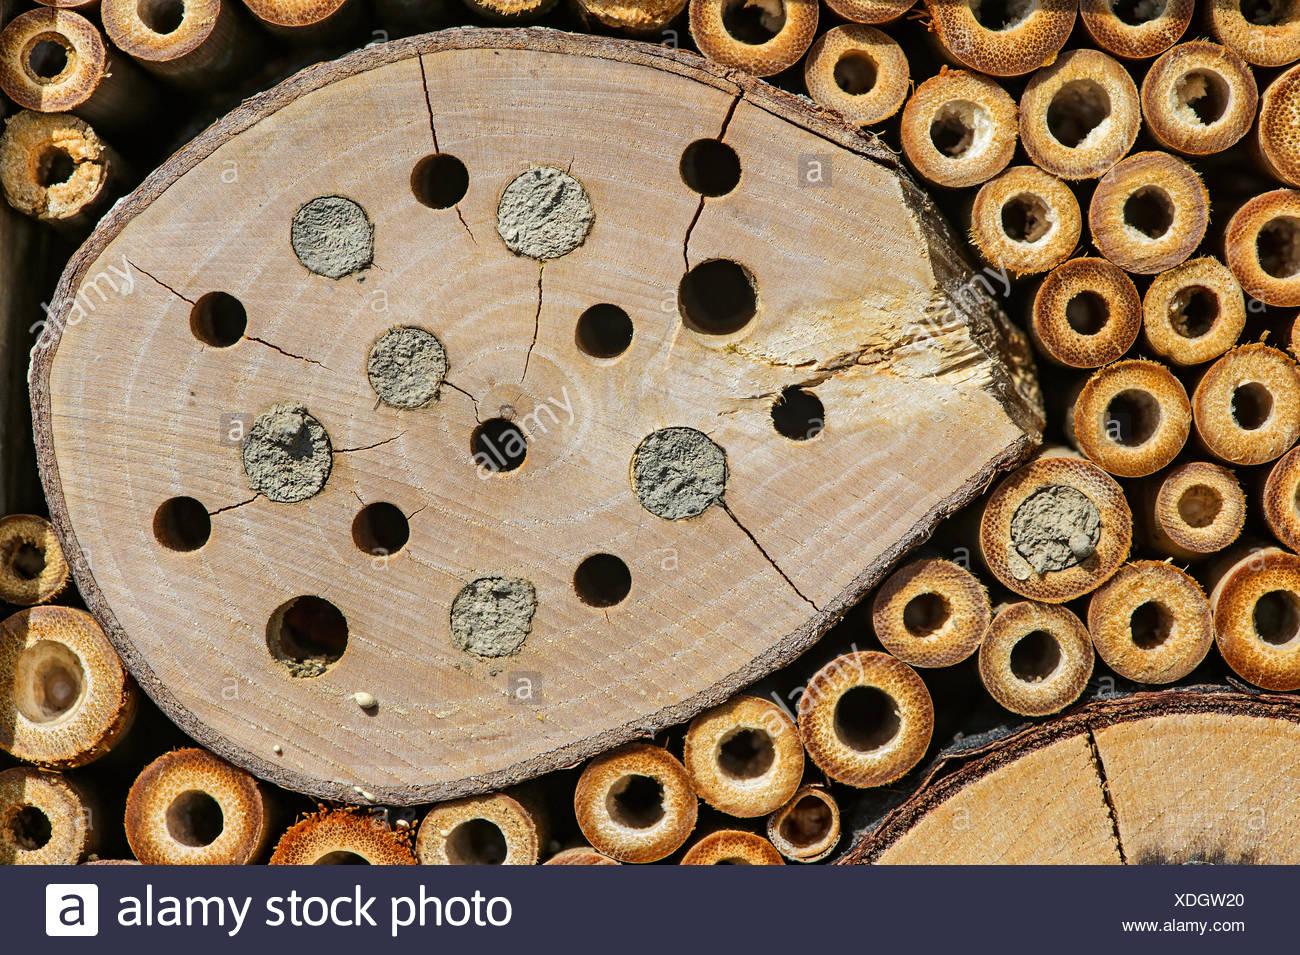 Bee hotel, artificiale aiuto di nidificazione per mason api, allevamento gallerie parzialmente sigillate con argilla del suolo Immagini Stock